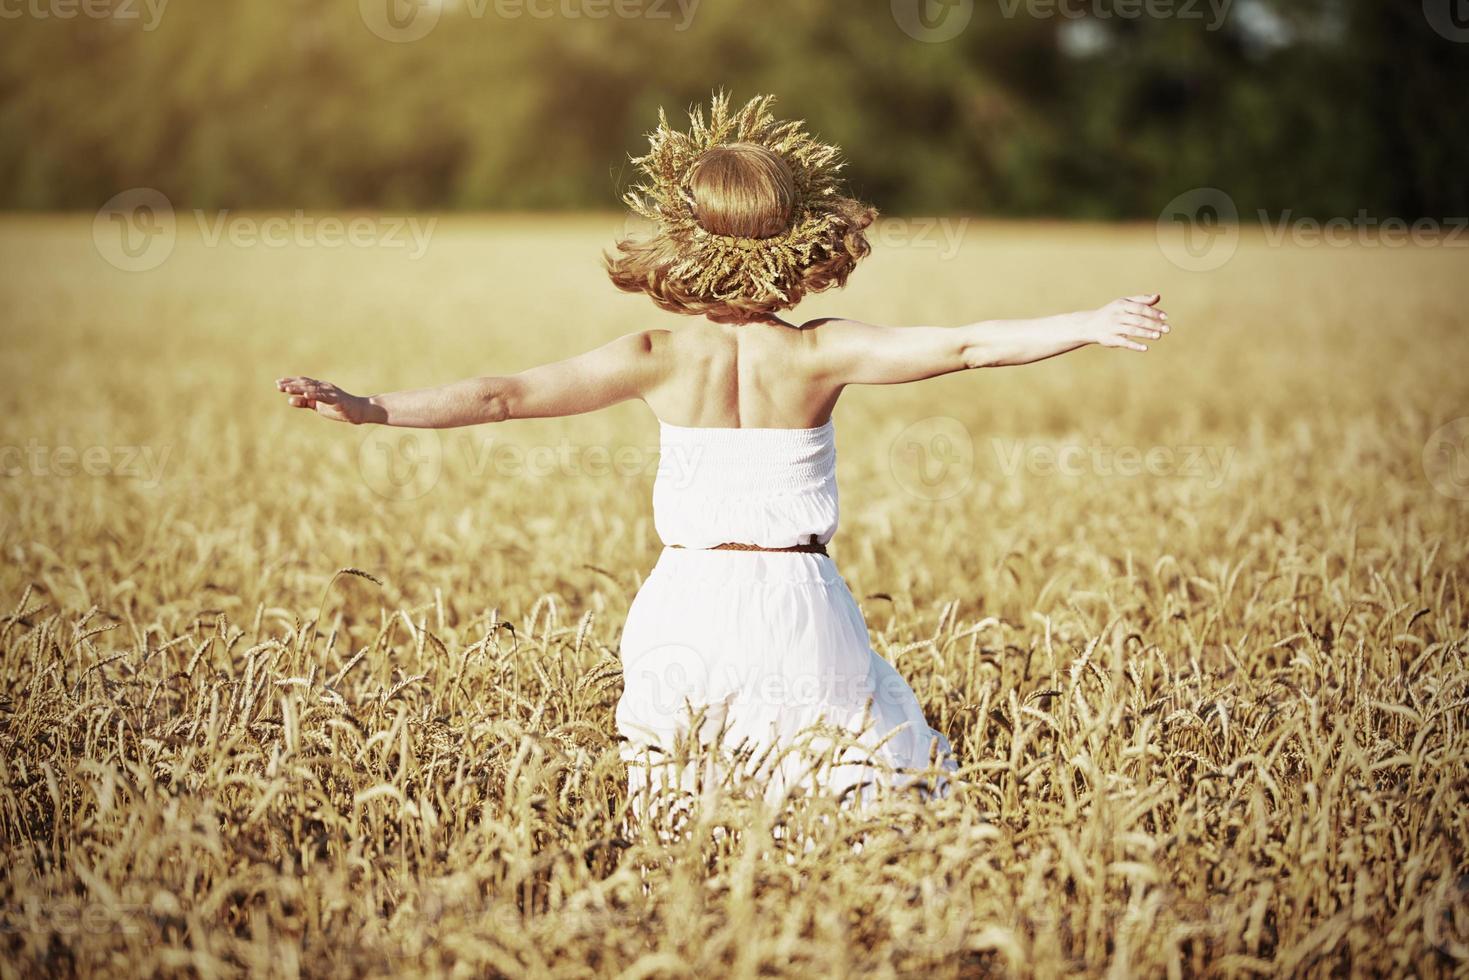 garota feliz, curtindo a vida no campo de trigo no verão foto